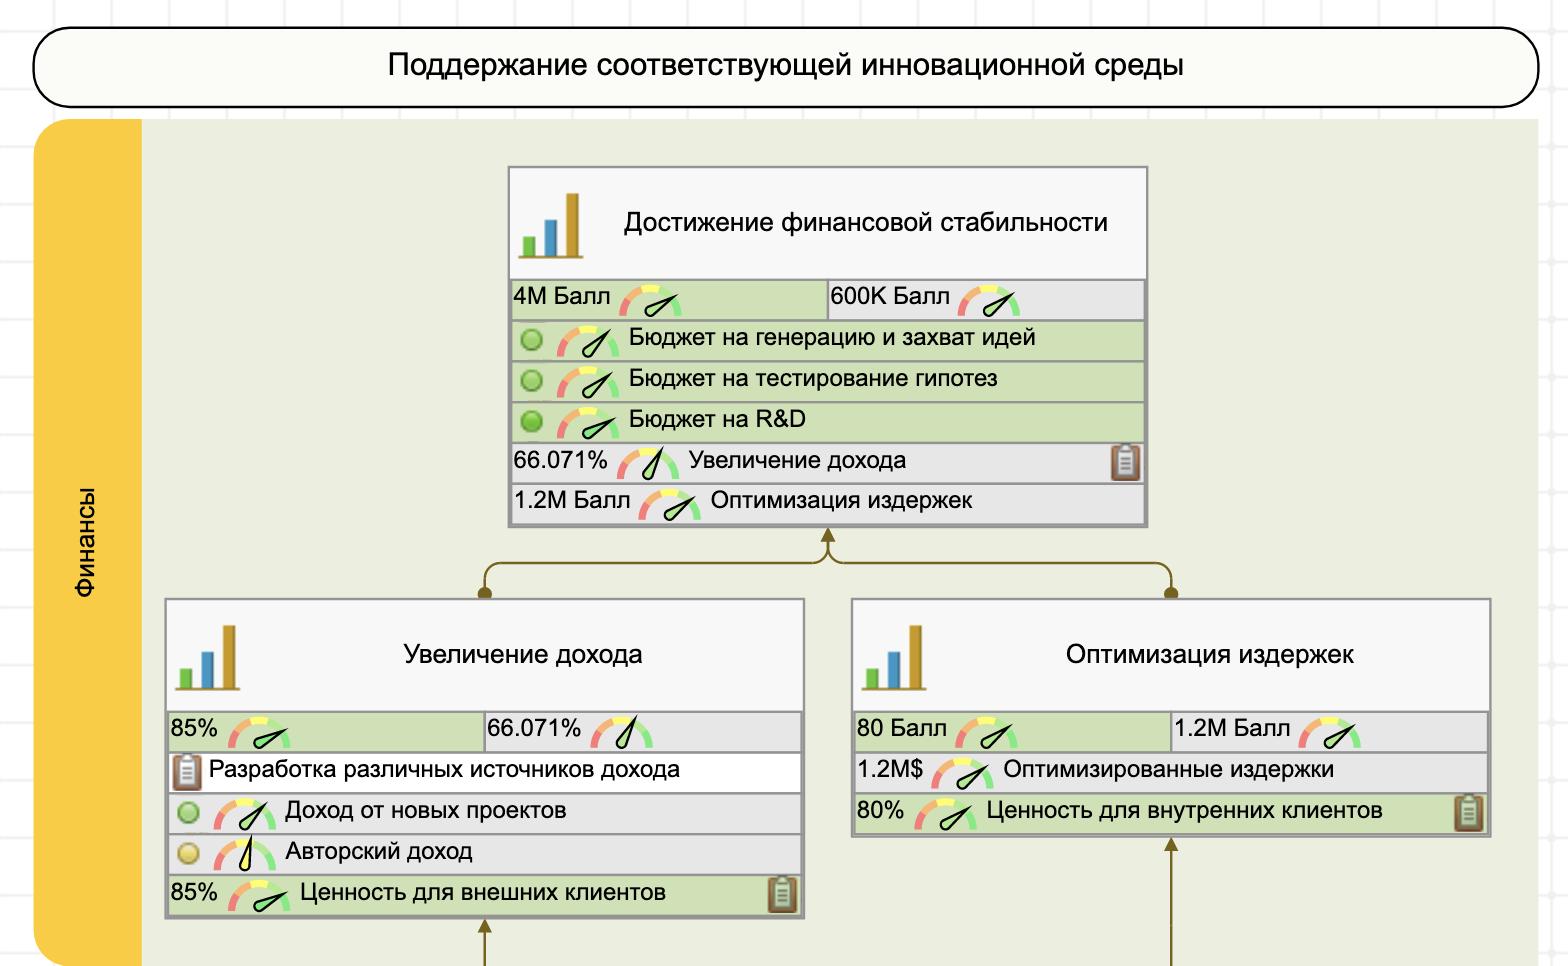 Пример стратегической карты инноваций - финансы